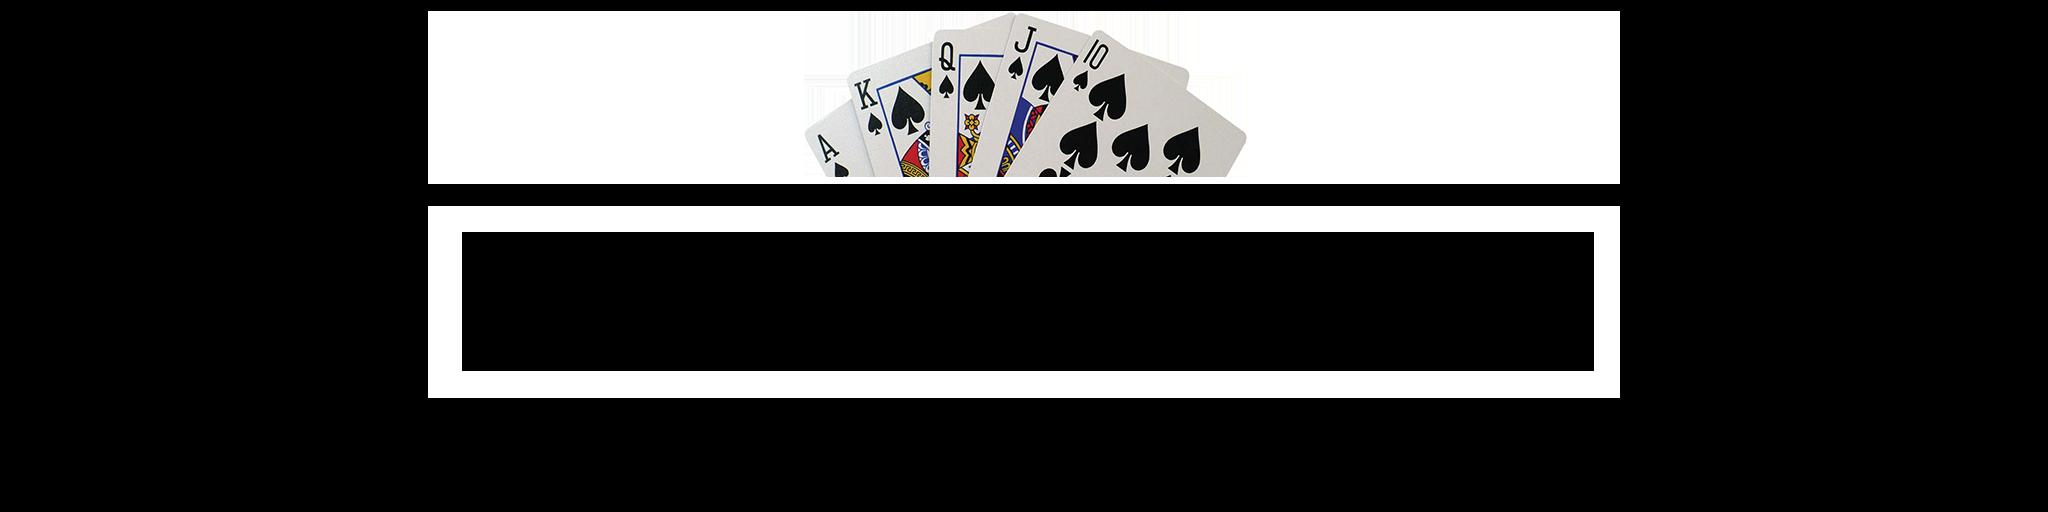 Poker-Mat14.png